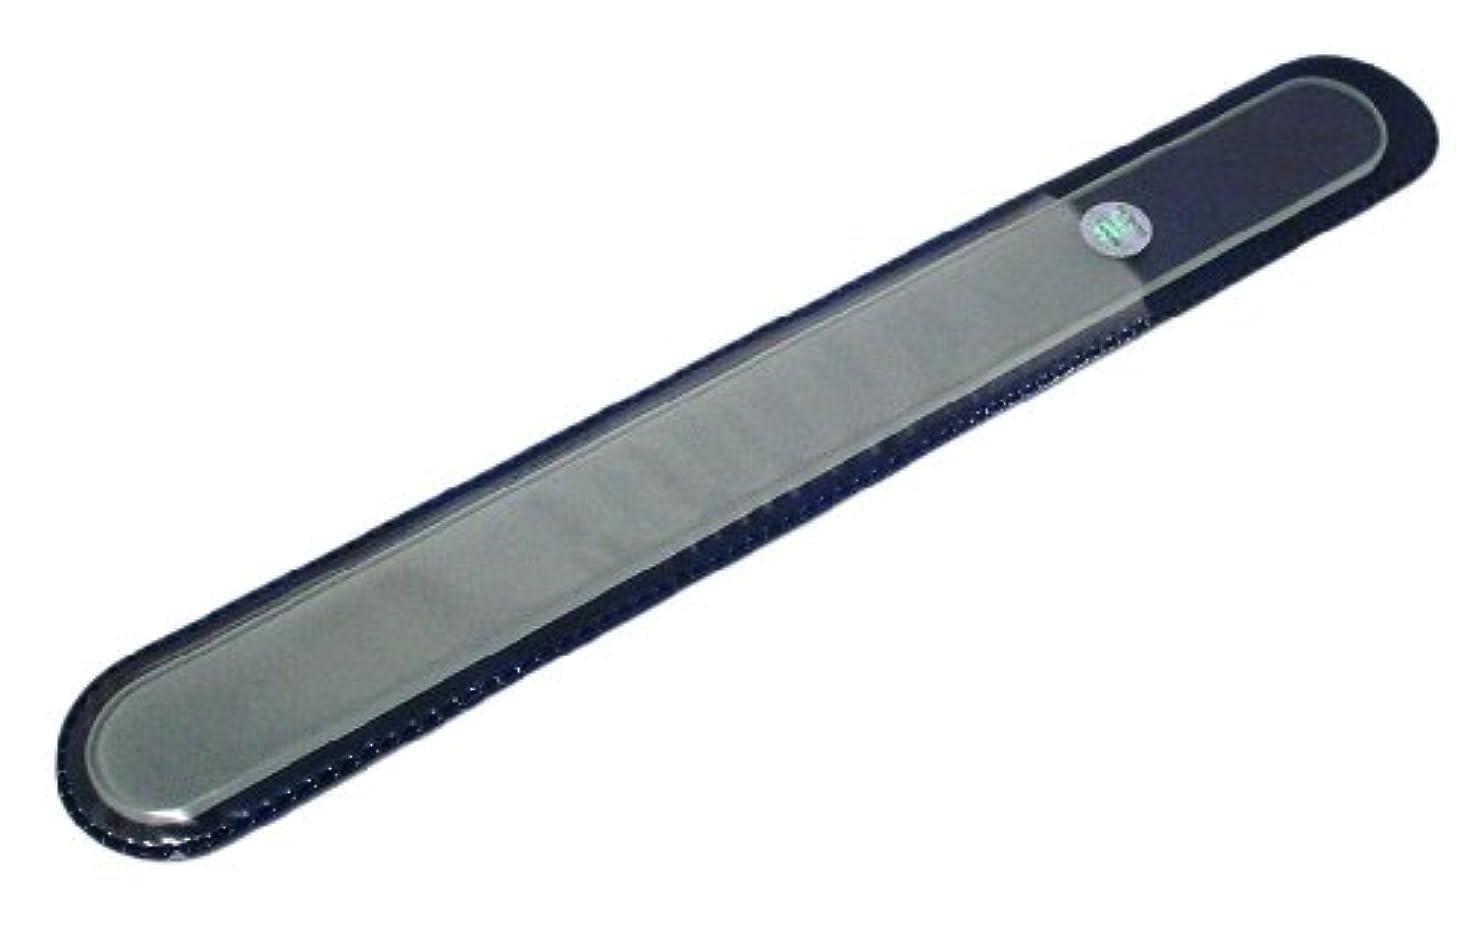 州セイはさておきスラッシュBLAZEK(ブラジェク) ガラスやすり(爪?かかと用) プレーン Lサイズ200mm